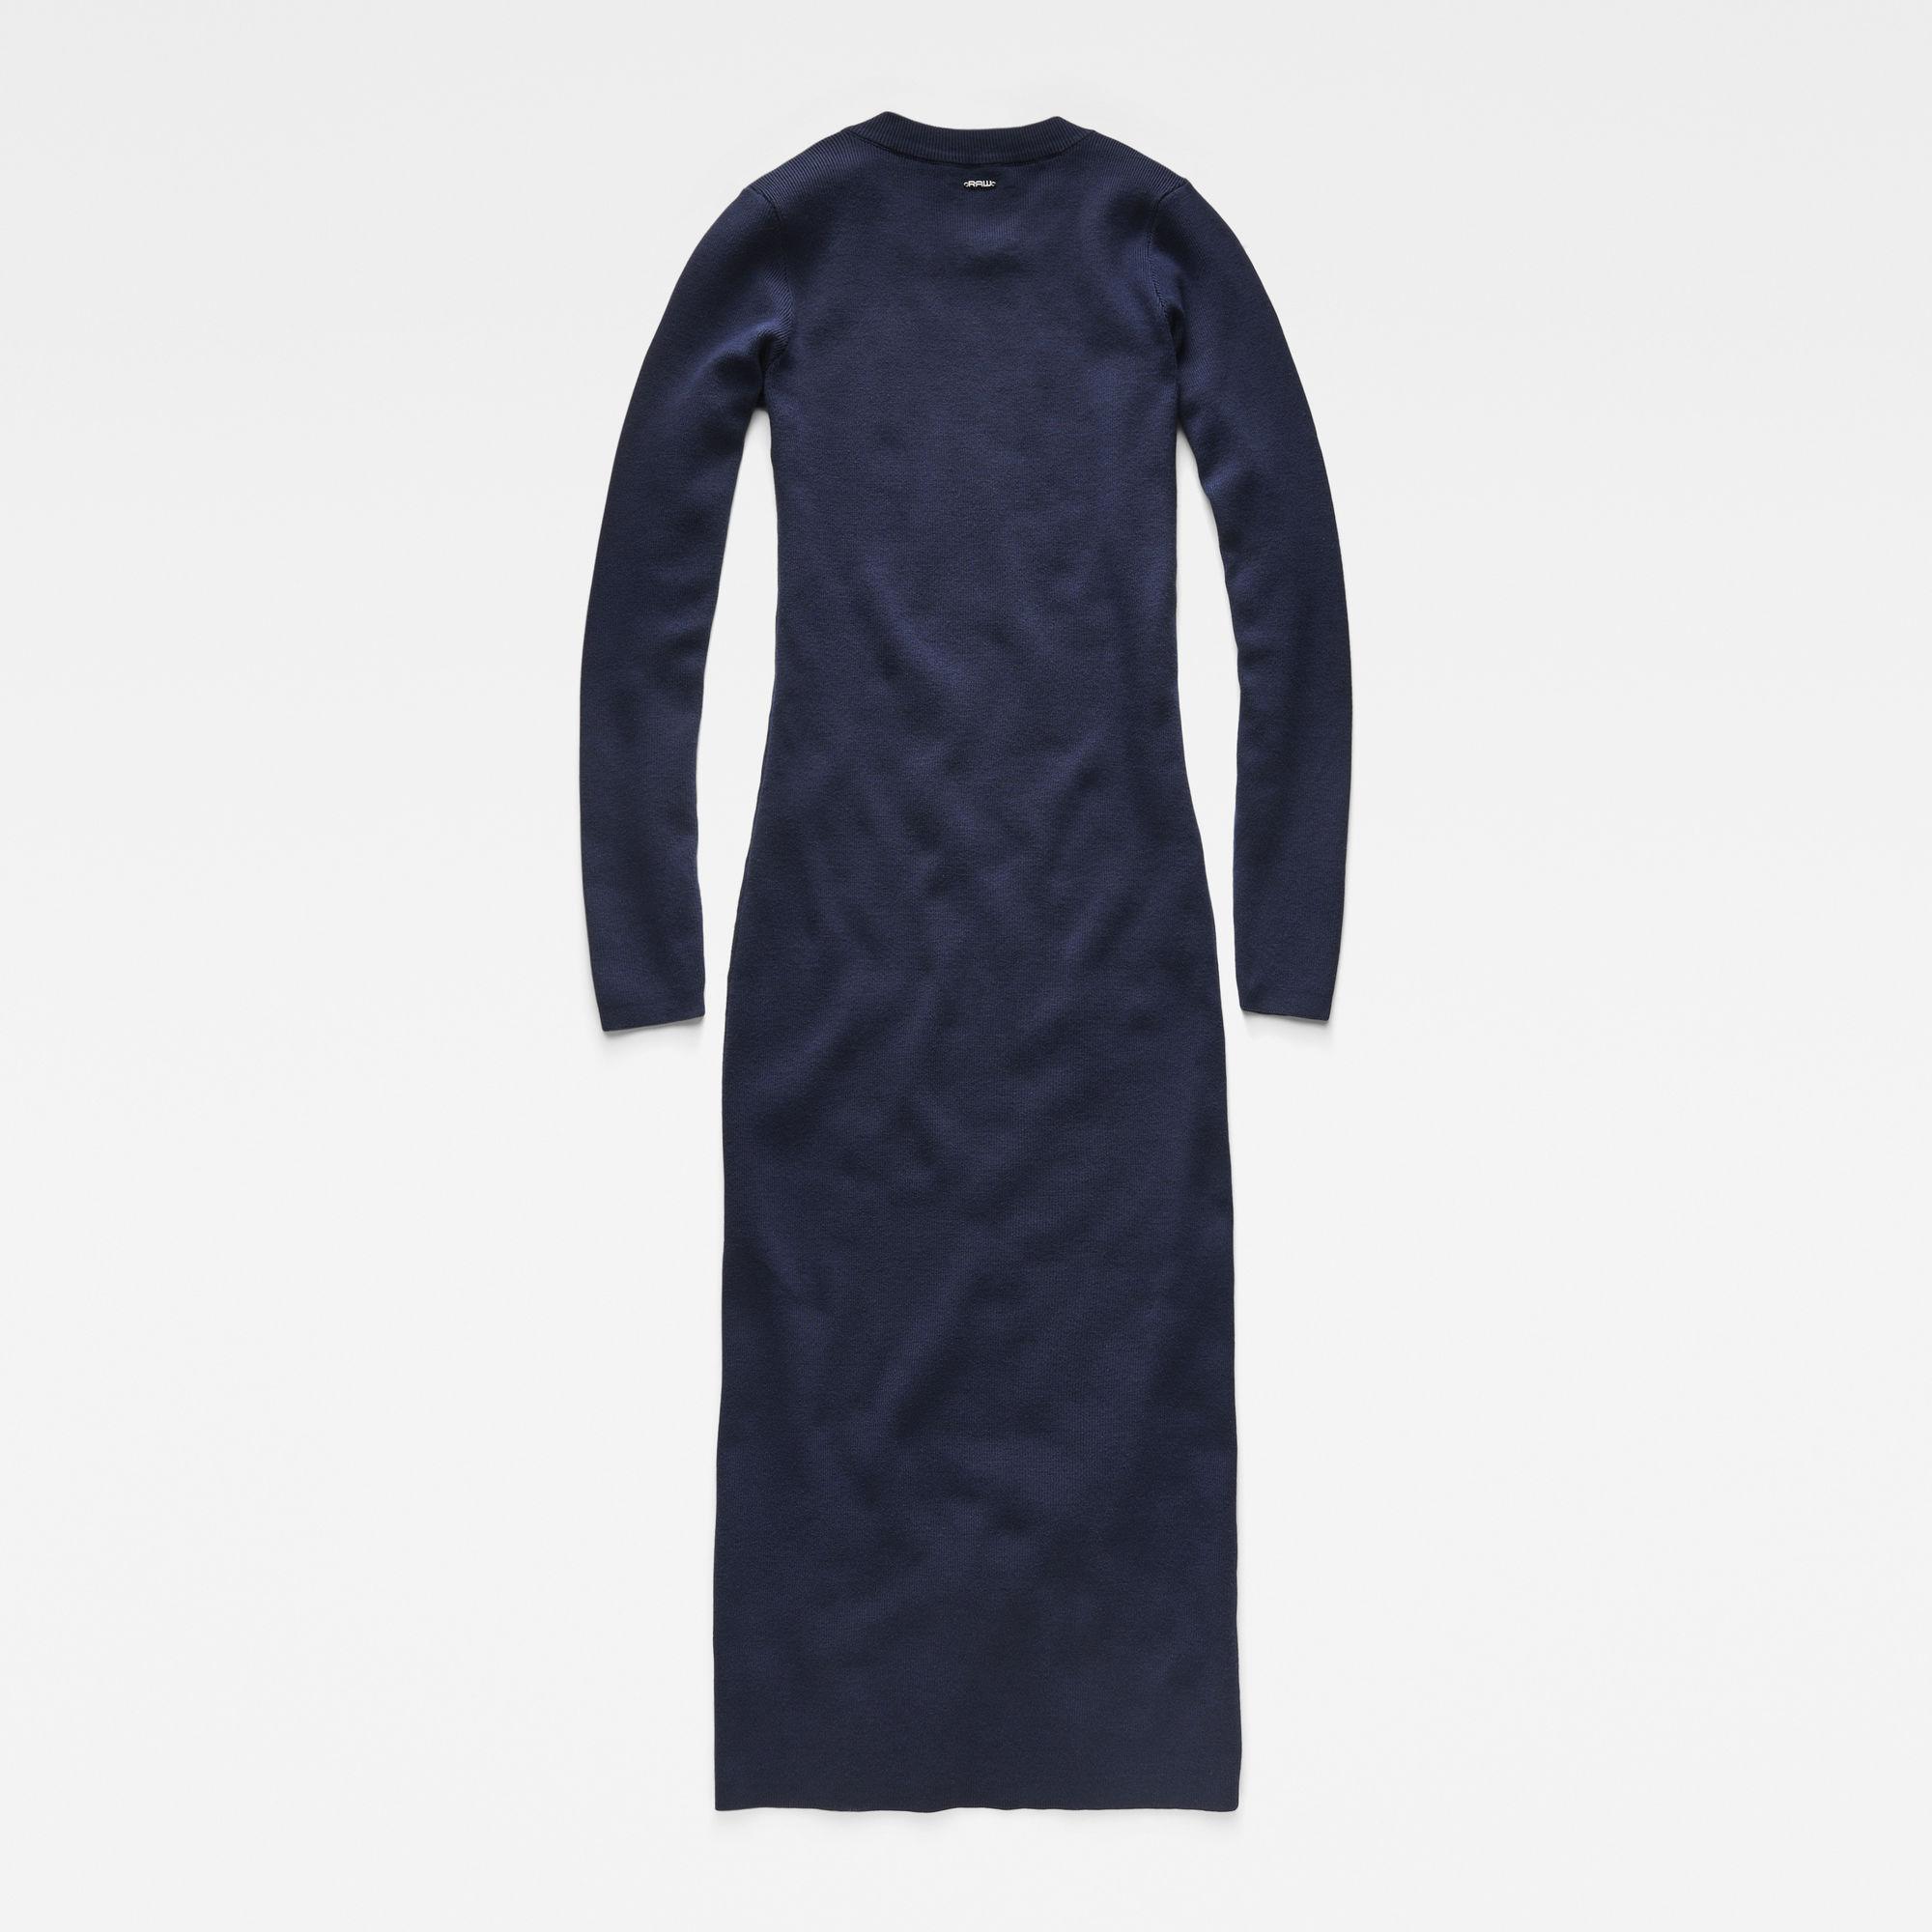 Exly Knit Dress